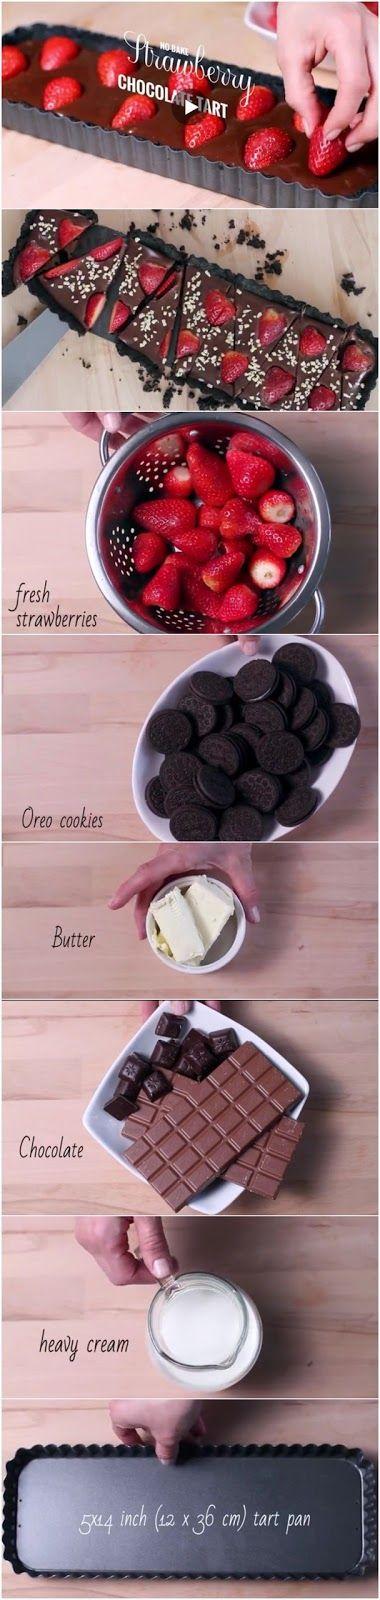 Ricette originali in una foto: crostata al cioccolato e fragole senza cottura